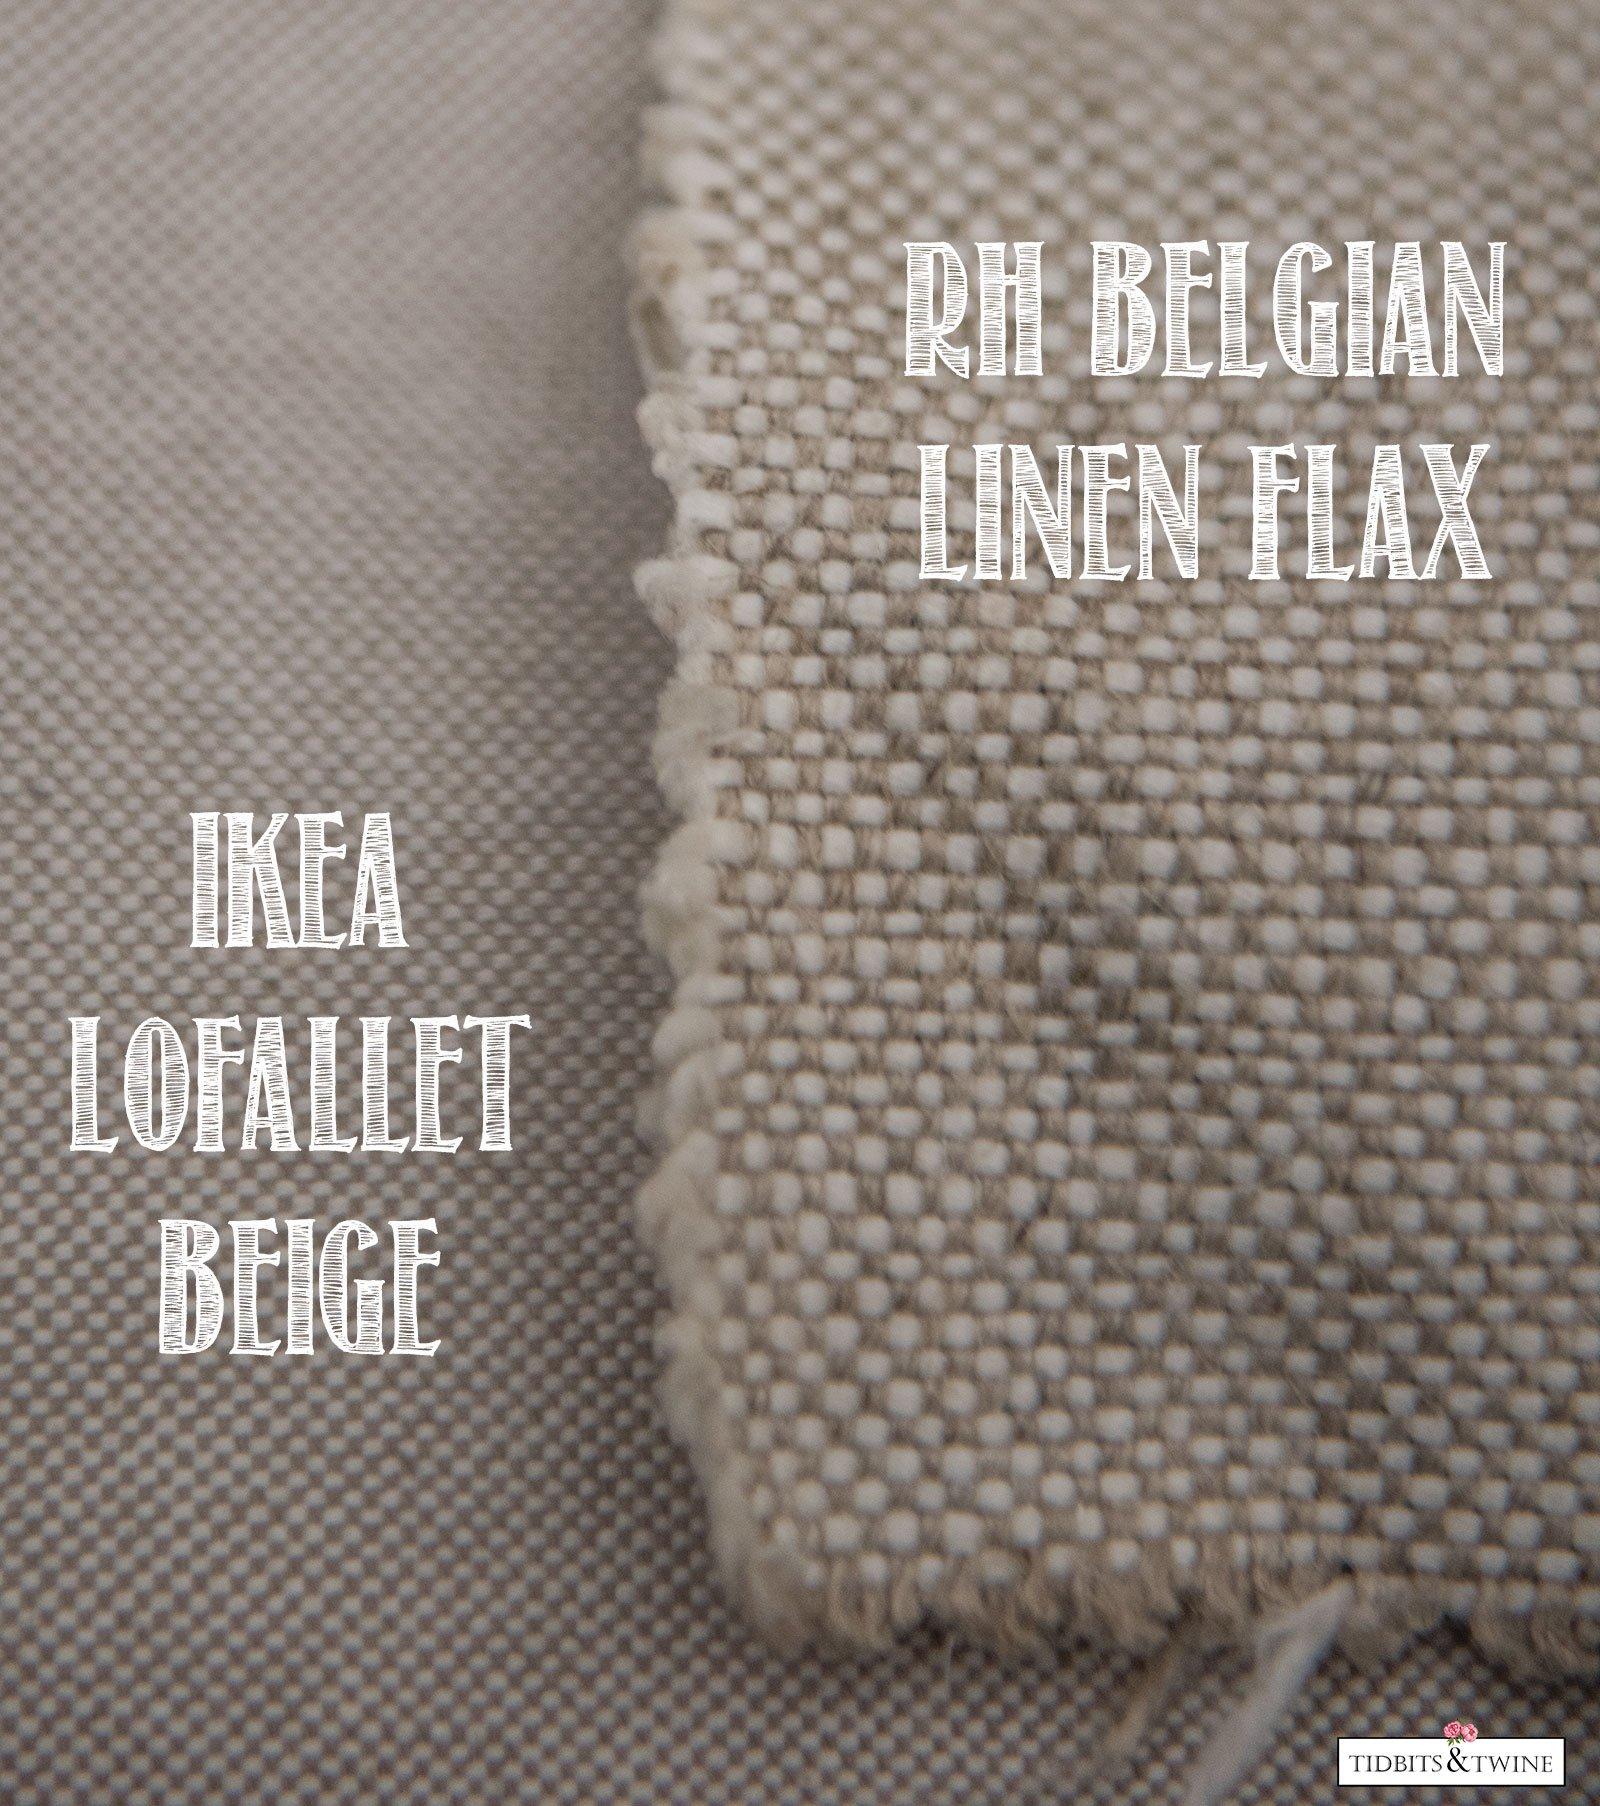 RH Belgian Linen versus IKEA EKTORP Lofallet Beige